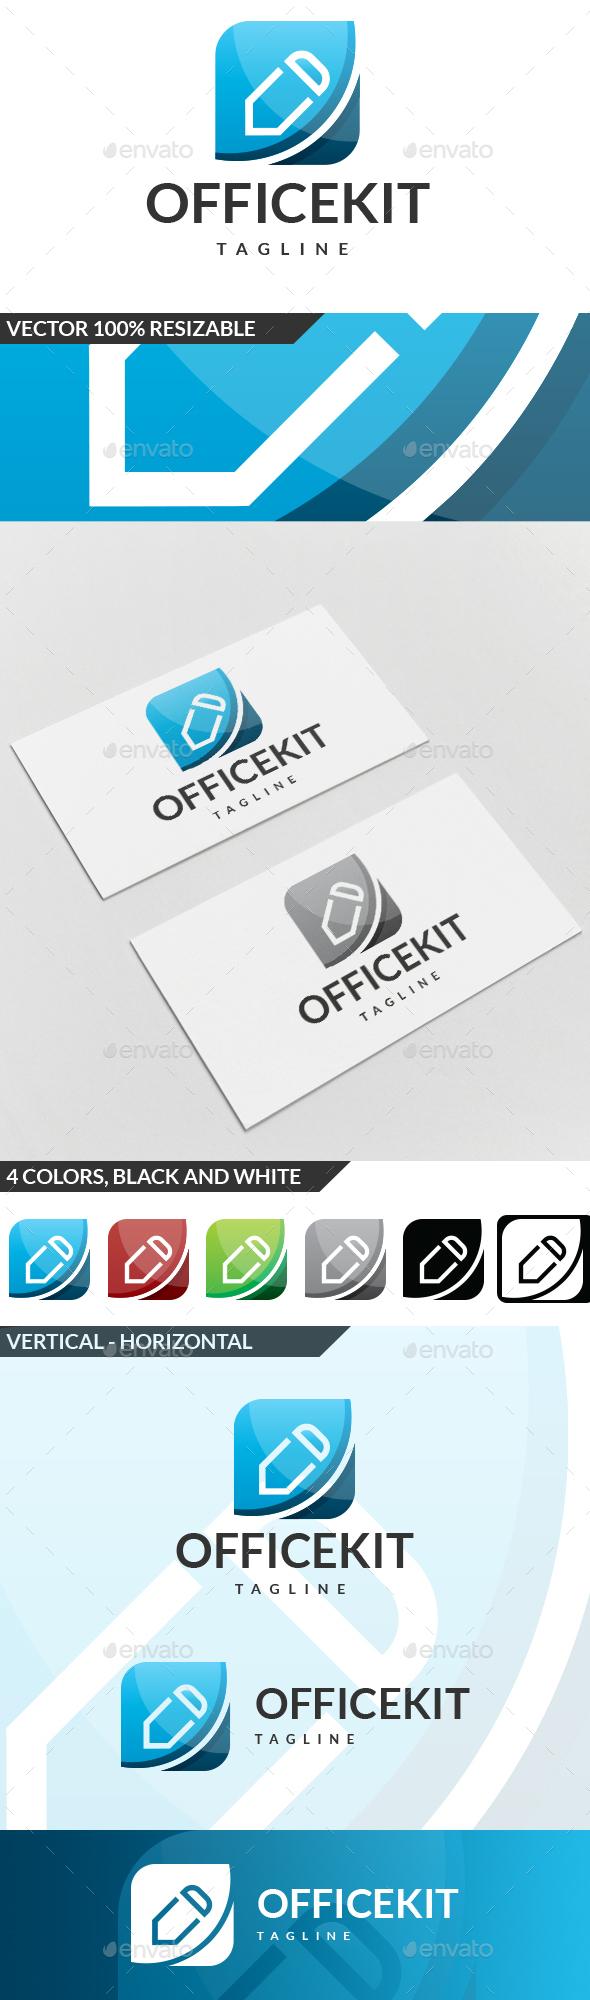 Office Kit Logo